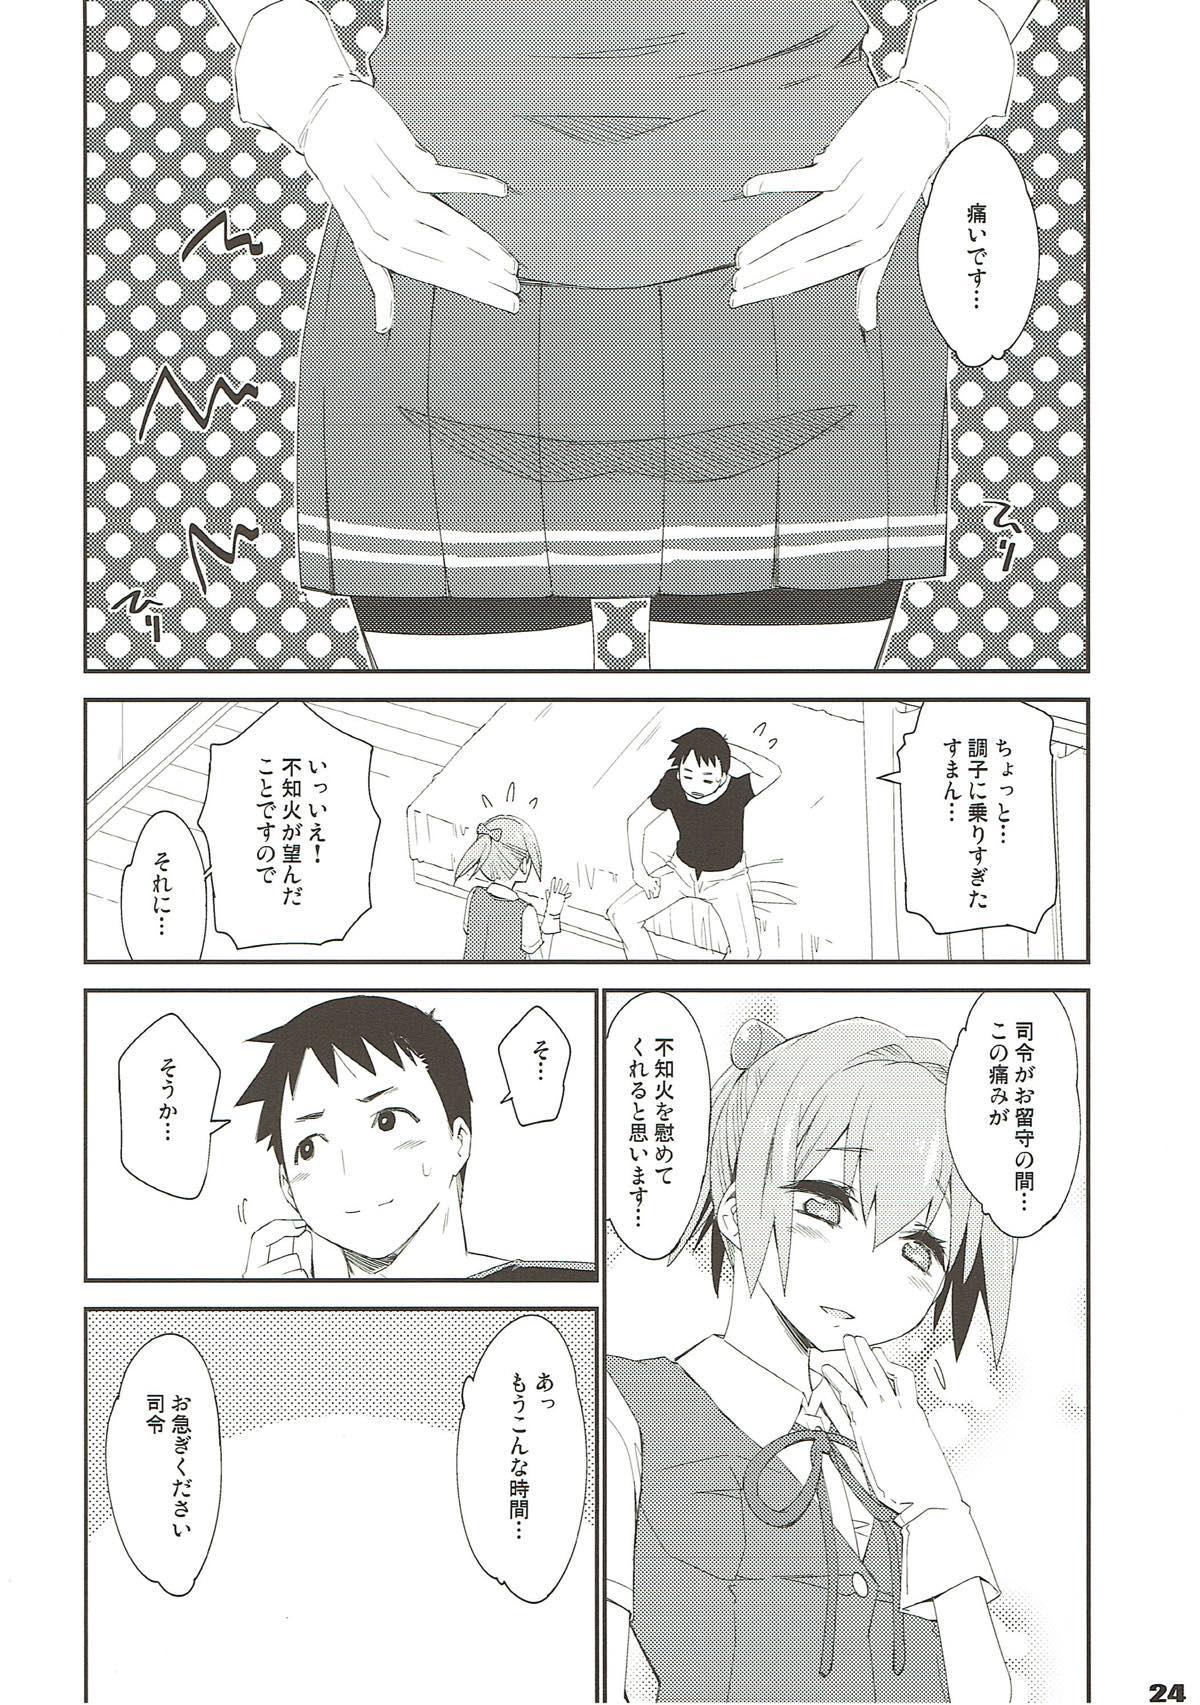 Shiranui wa Teitoku de... 20